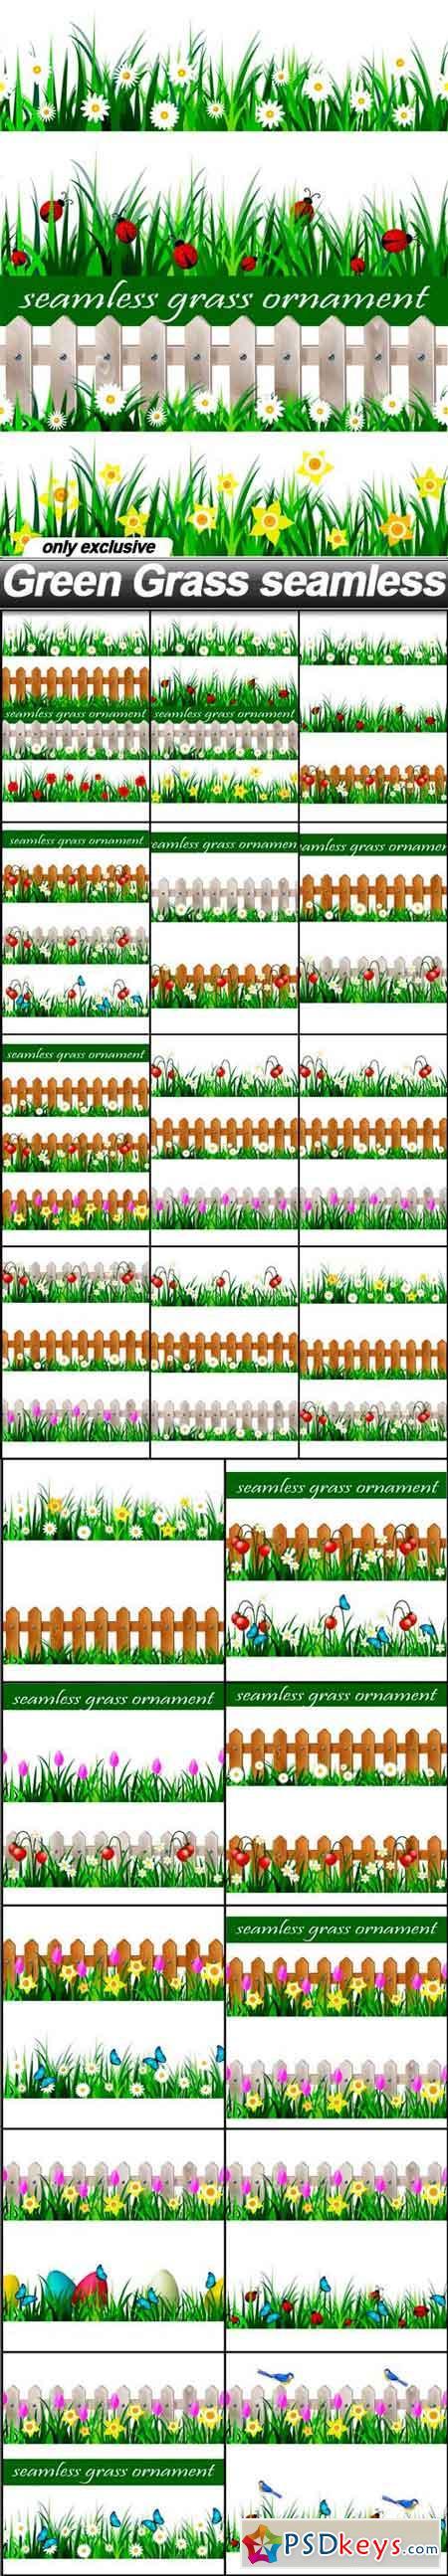 Green Grass seamless - 22 EPS